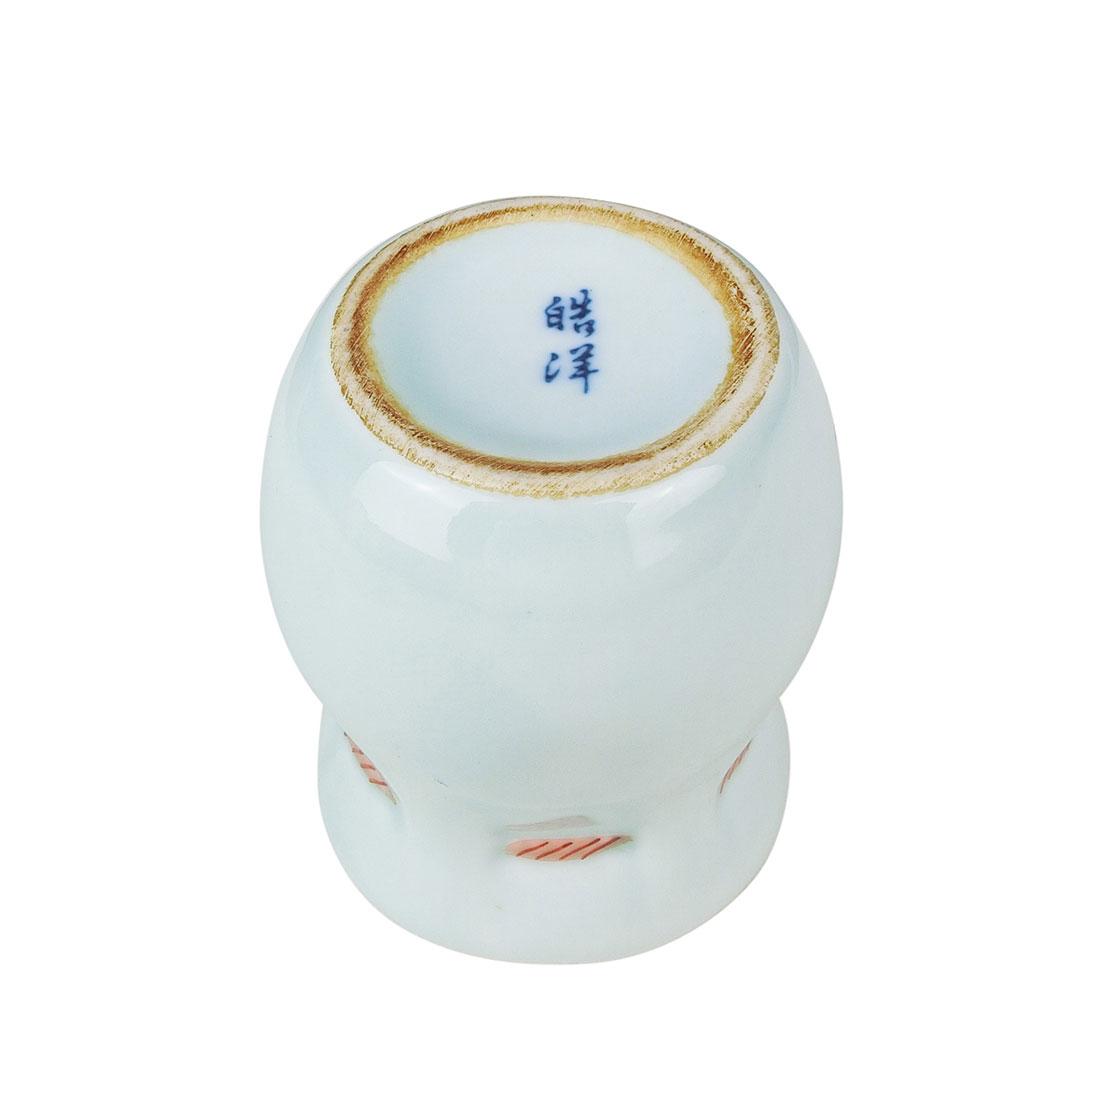 Ly Con Vịt Hardmade Có Triện - Nhật - 6 x 7 cm - 123806